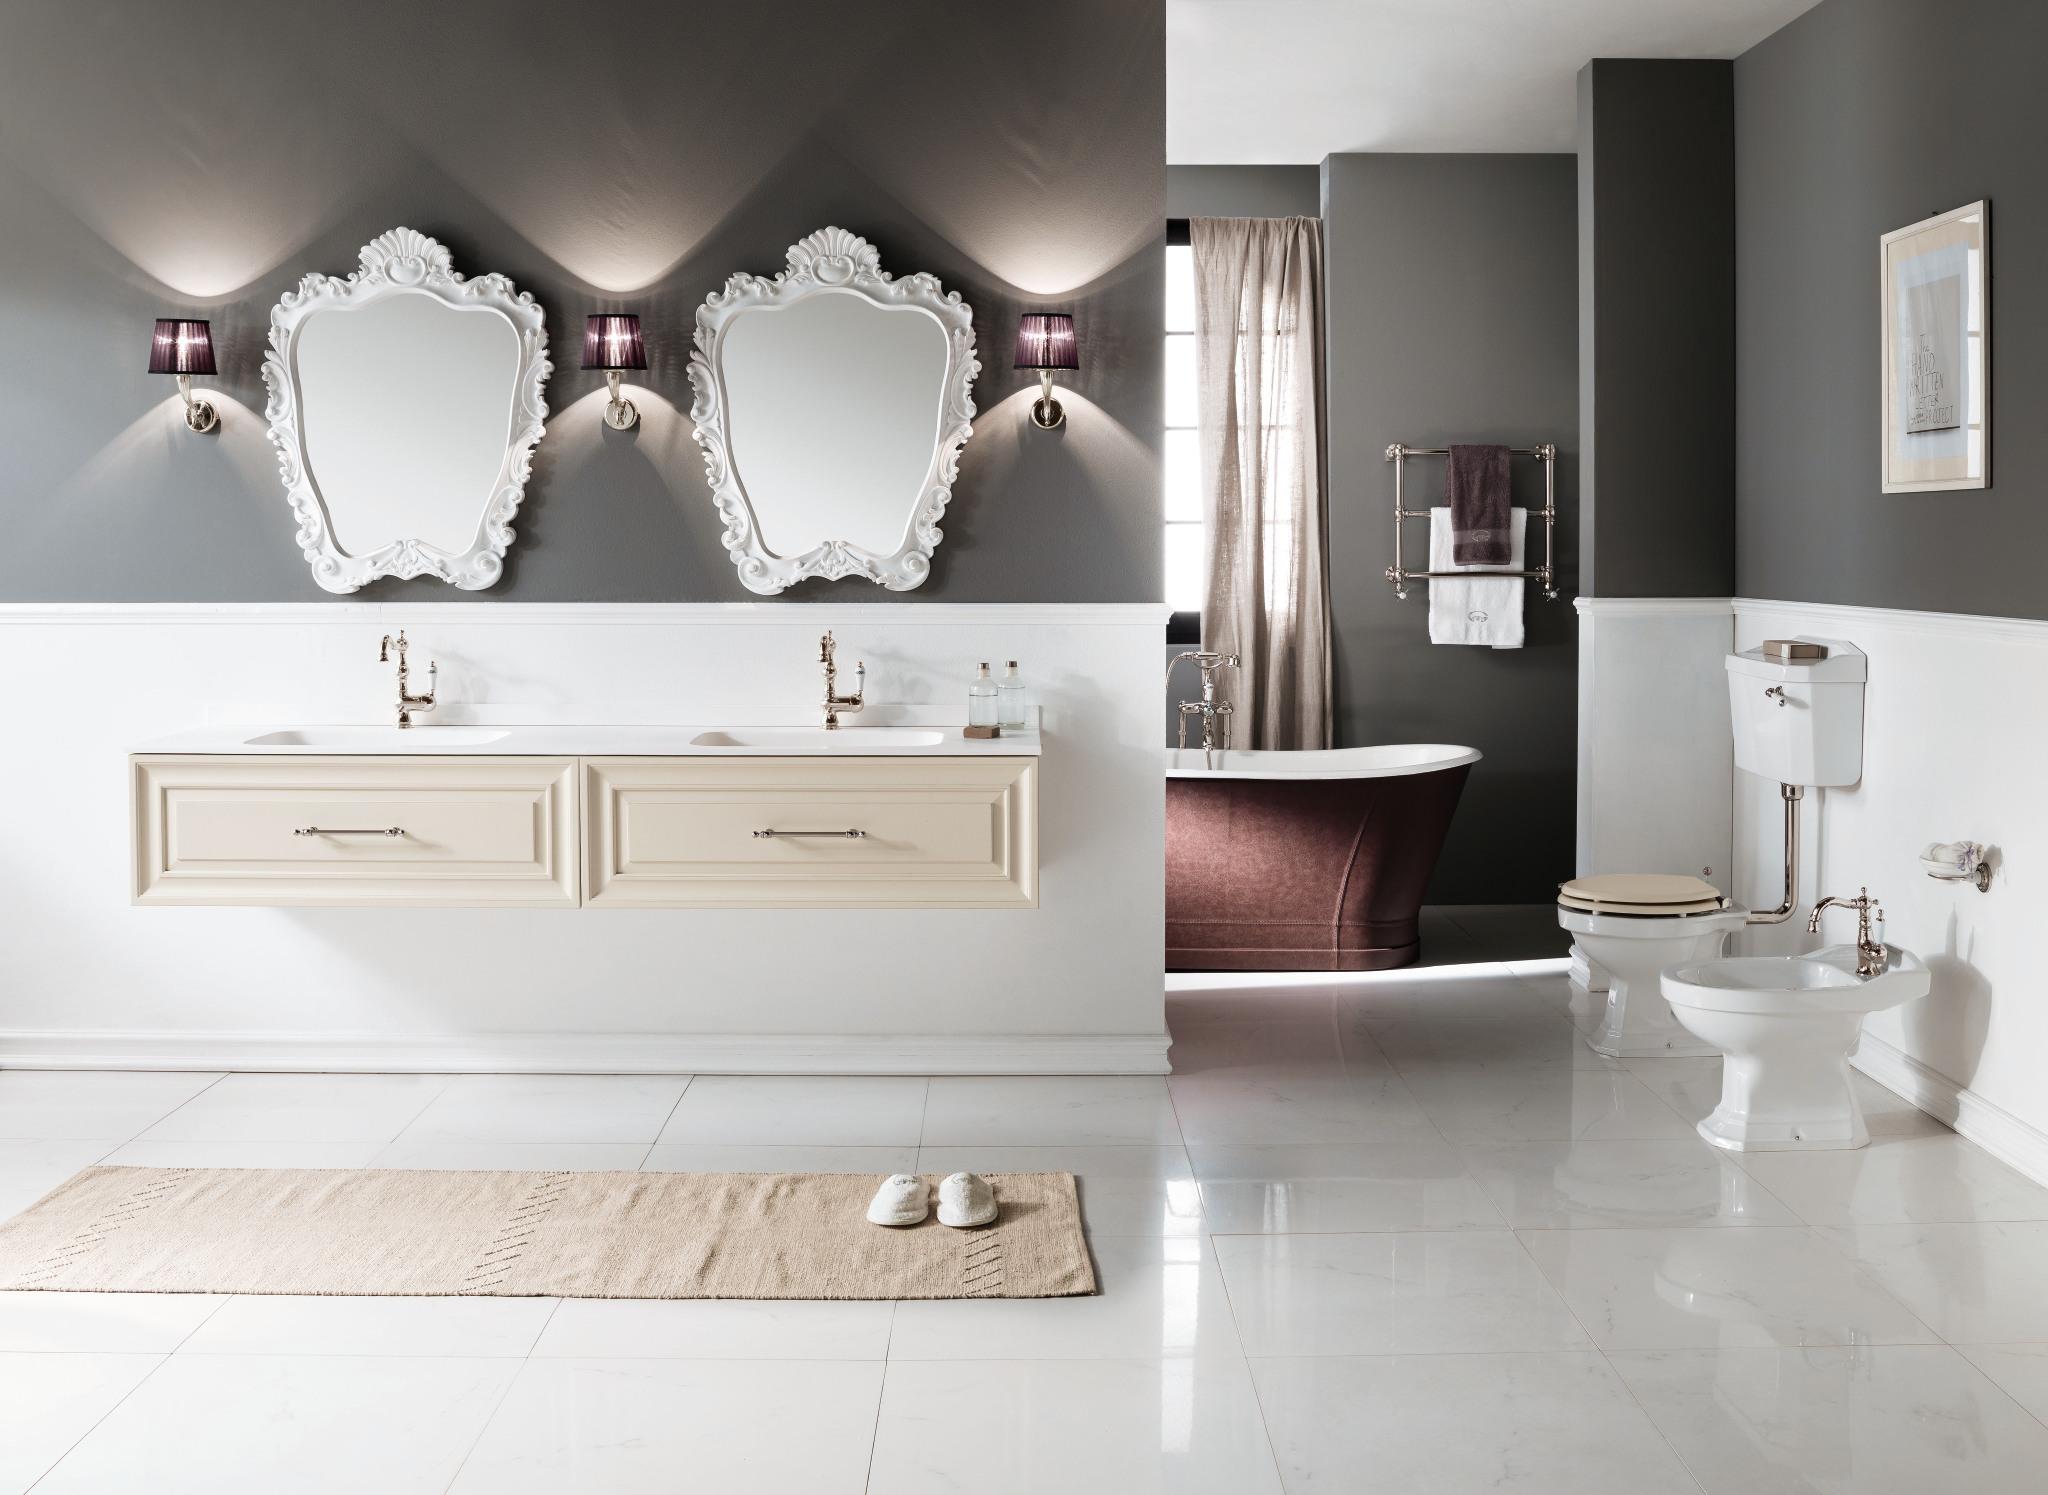 Arredobagno il tuo bagno moderno elegante classico - Costruire mobile bagno ...